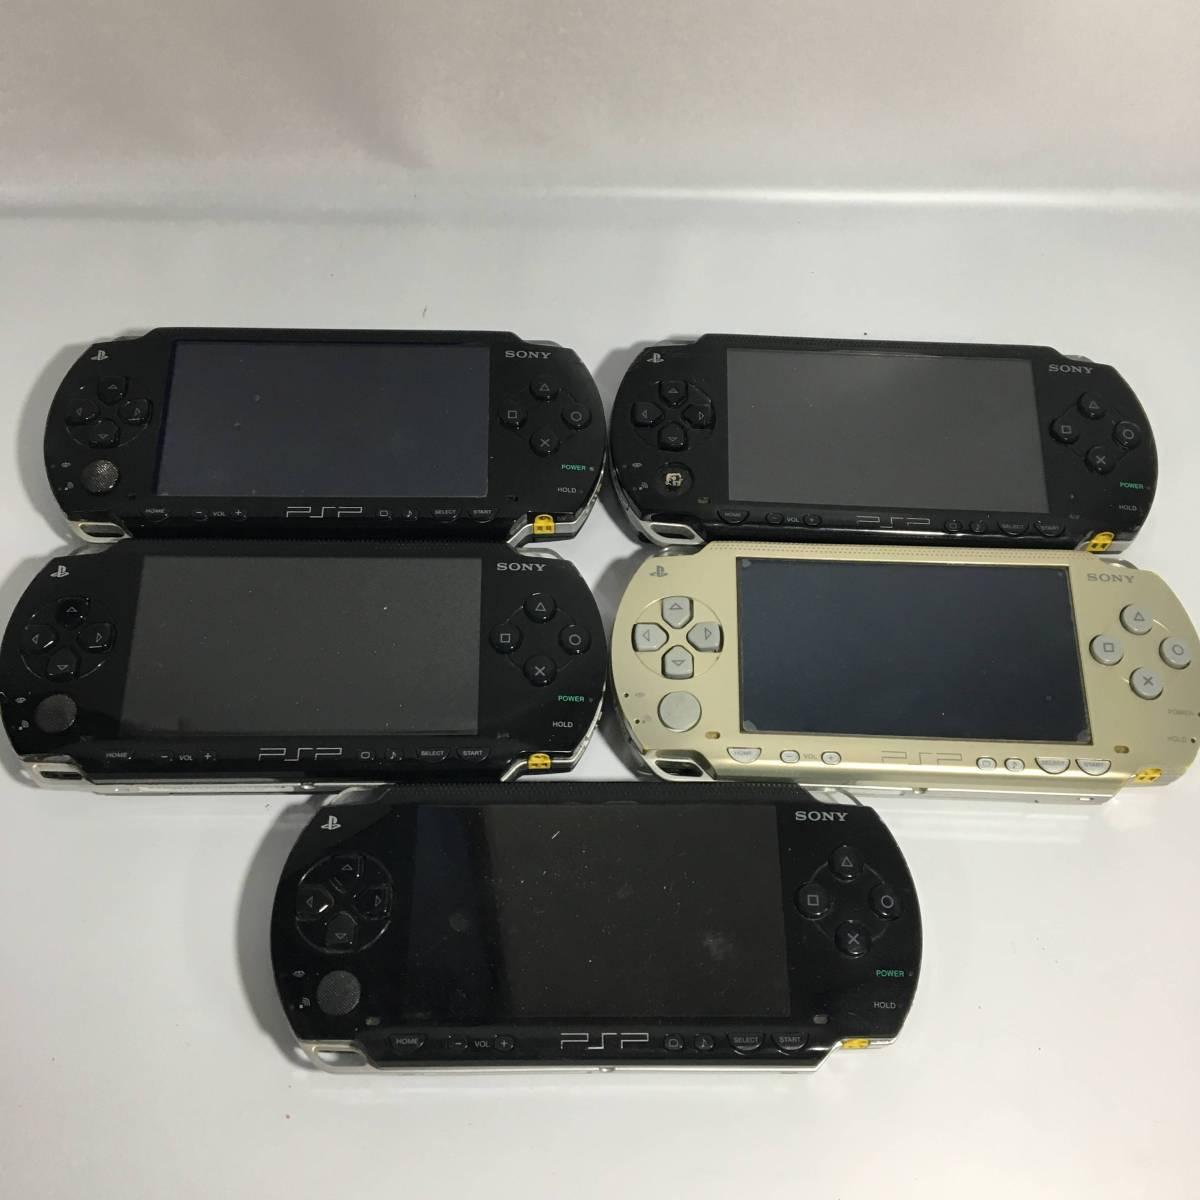 【ジャンク】PSP 本体 まとめ セット 1000 2000 3000 計22台 中古 ゲーム機 ソフト_画像6